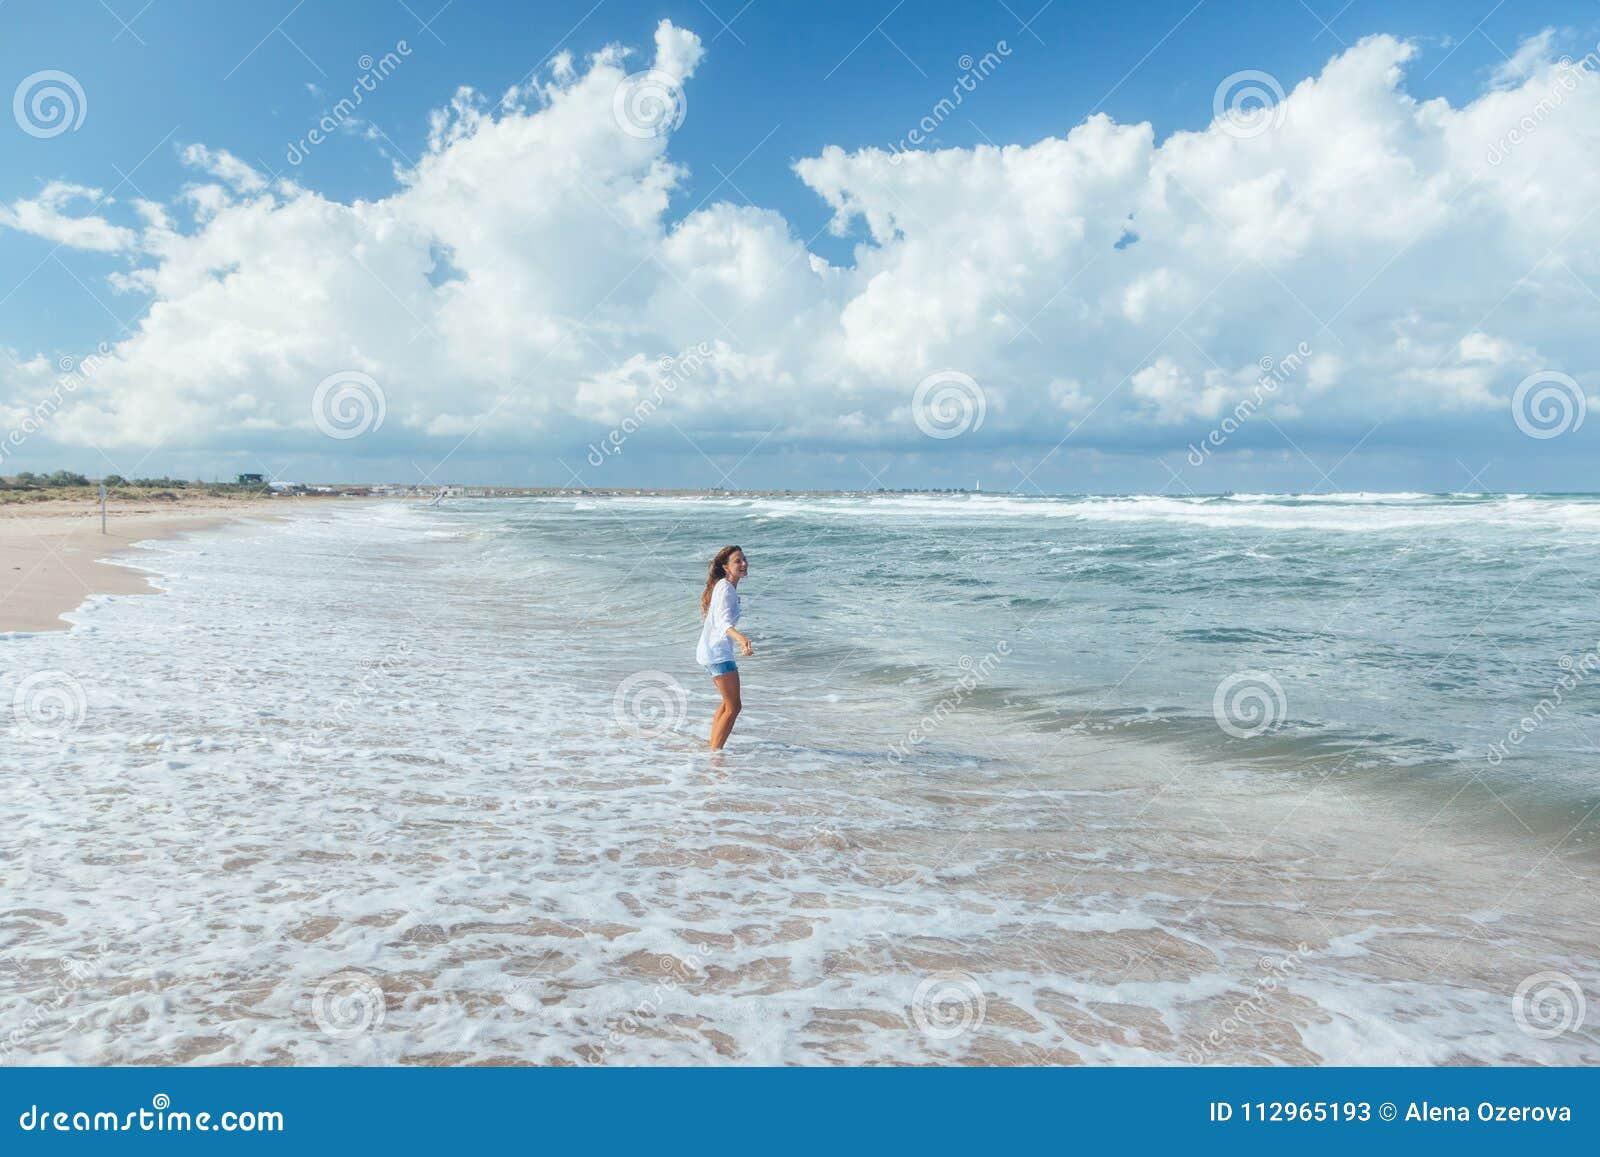 Fille marchant sur la plage